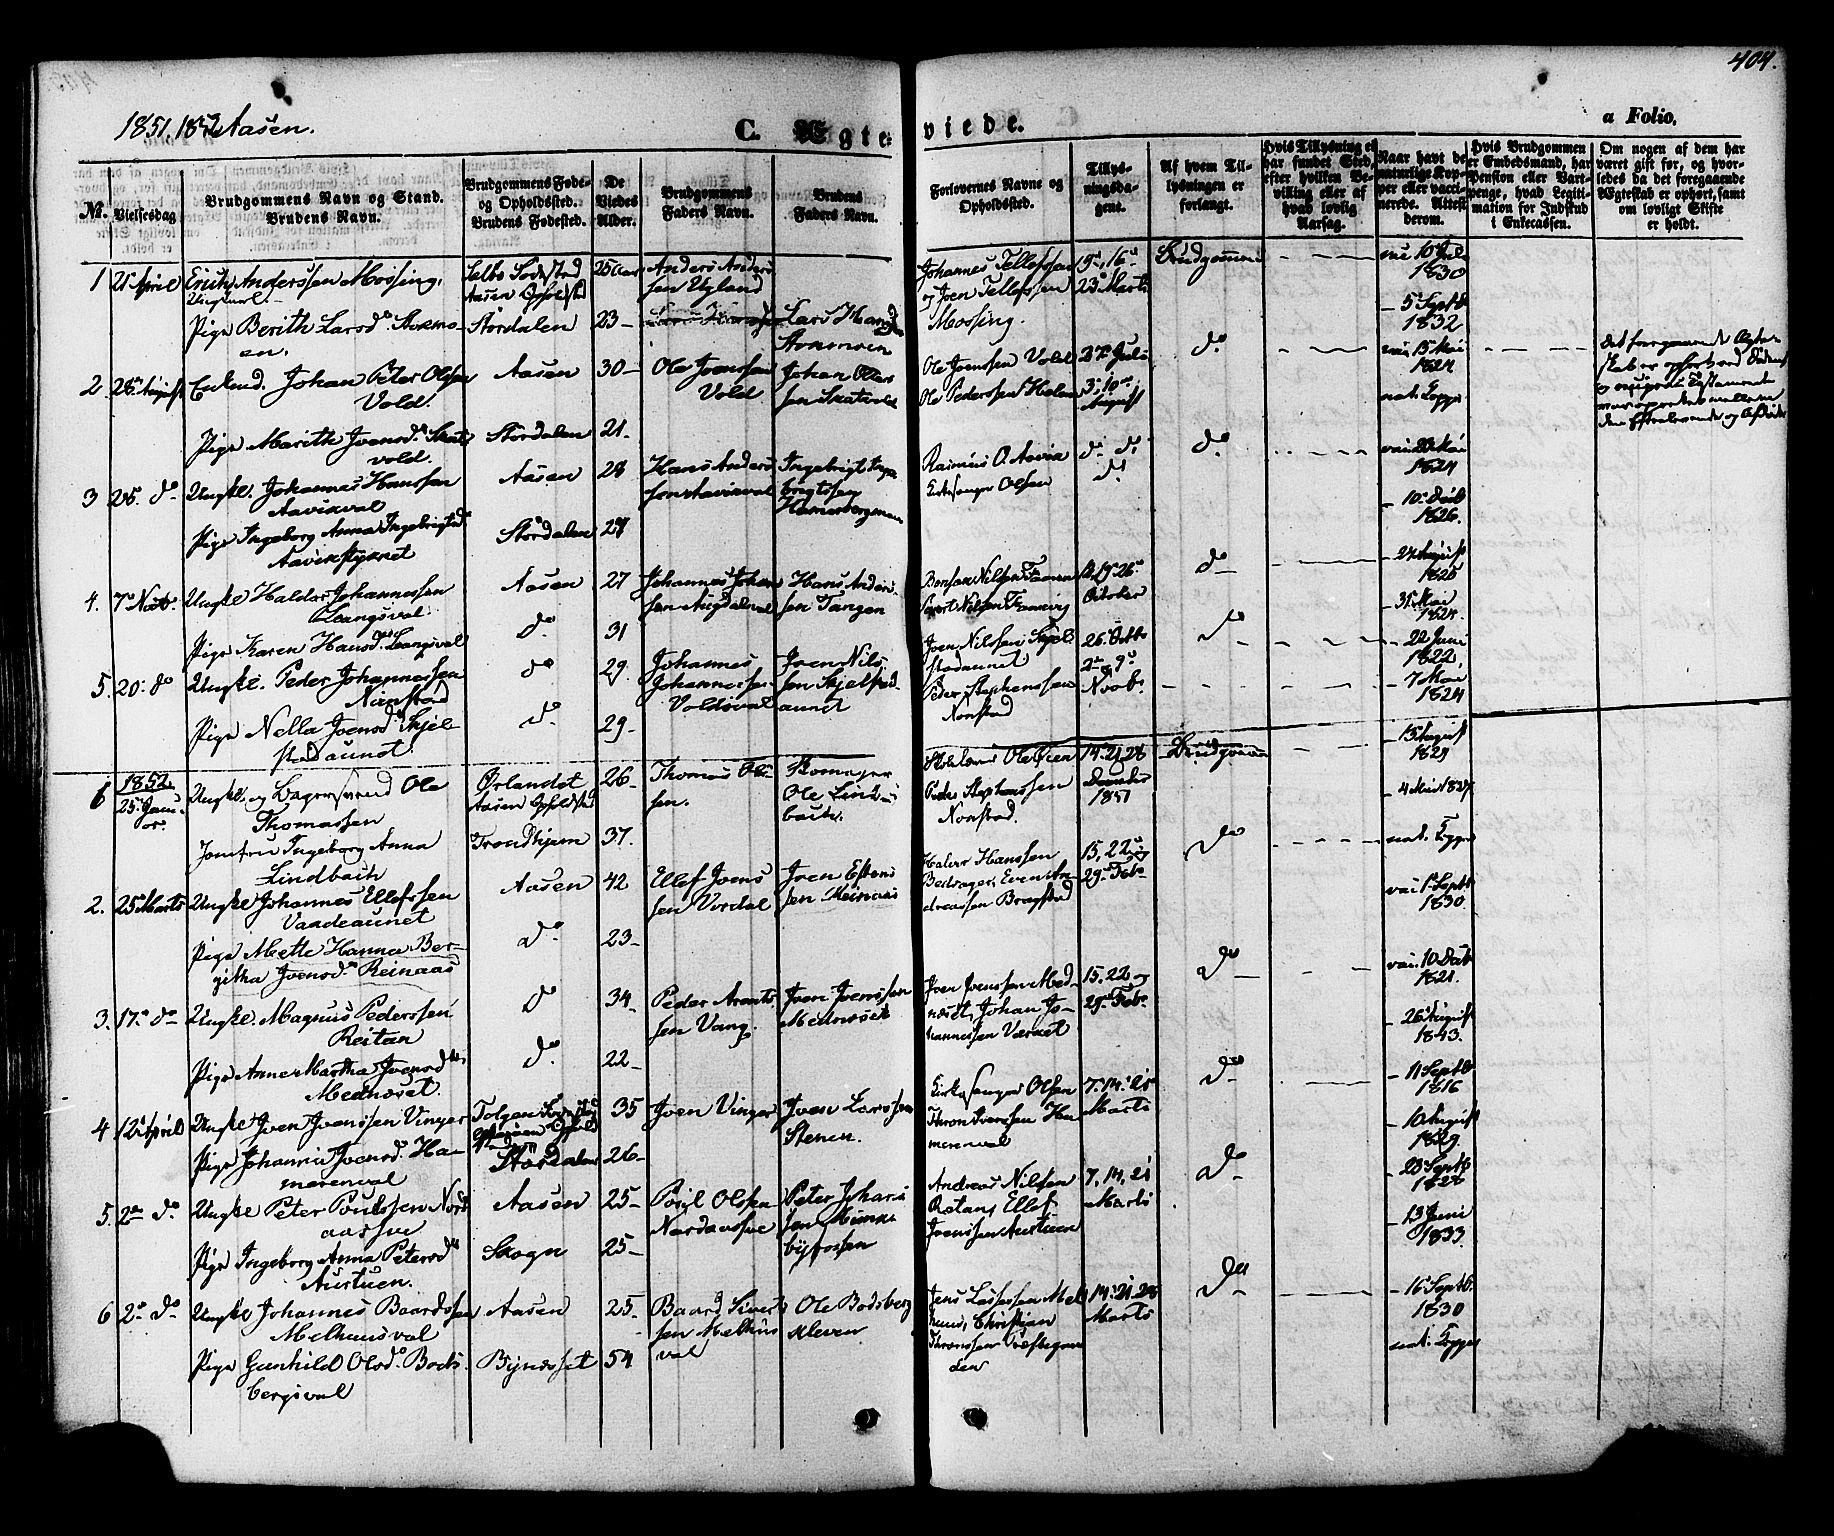 SAT, Ministerialprotokoller, klokkerbøker og fødselsregistre - Nord-Trøndelag, 713/L0116: Ministerialbok nr. 713A07 /2, 1850-1877, s. 404